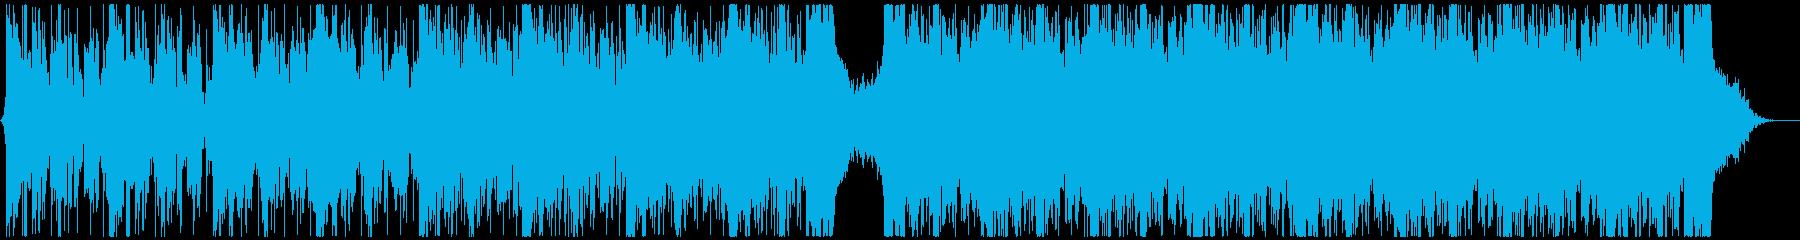 かっこいいシネマティック(映画系)BGMの再生済みの波形